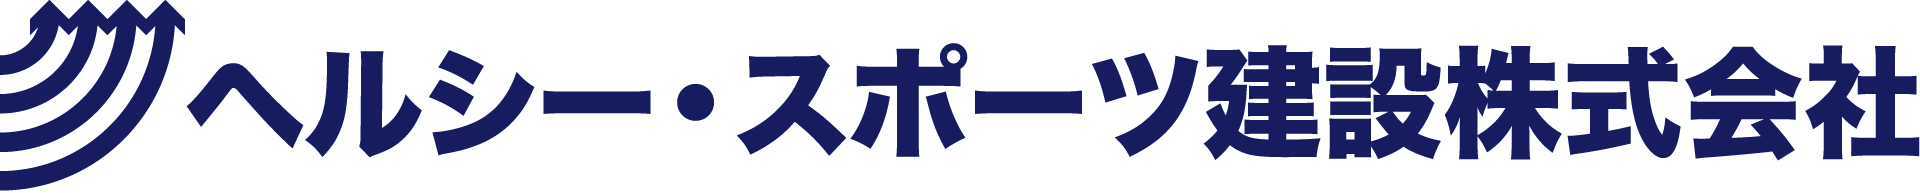 ヘルシー・スポーツ建設株式会社